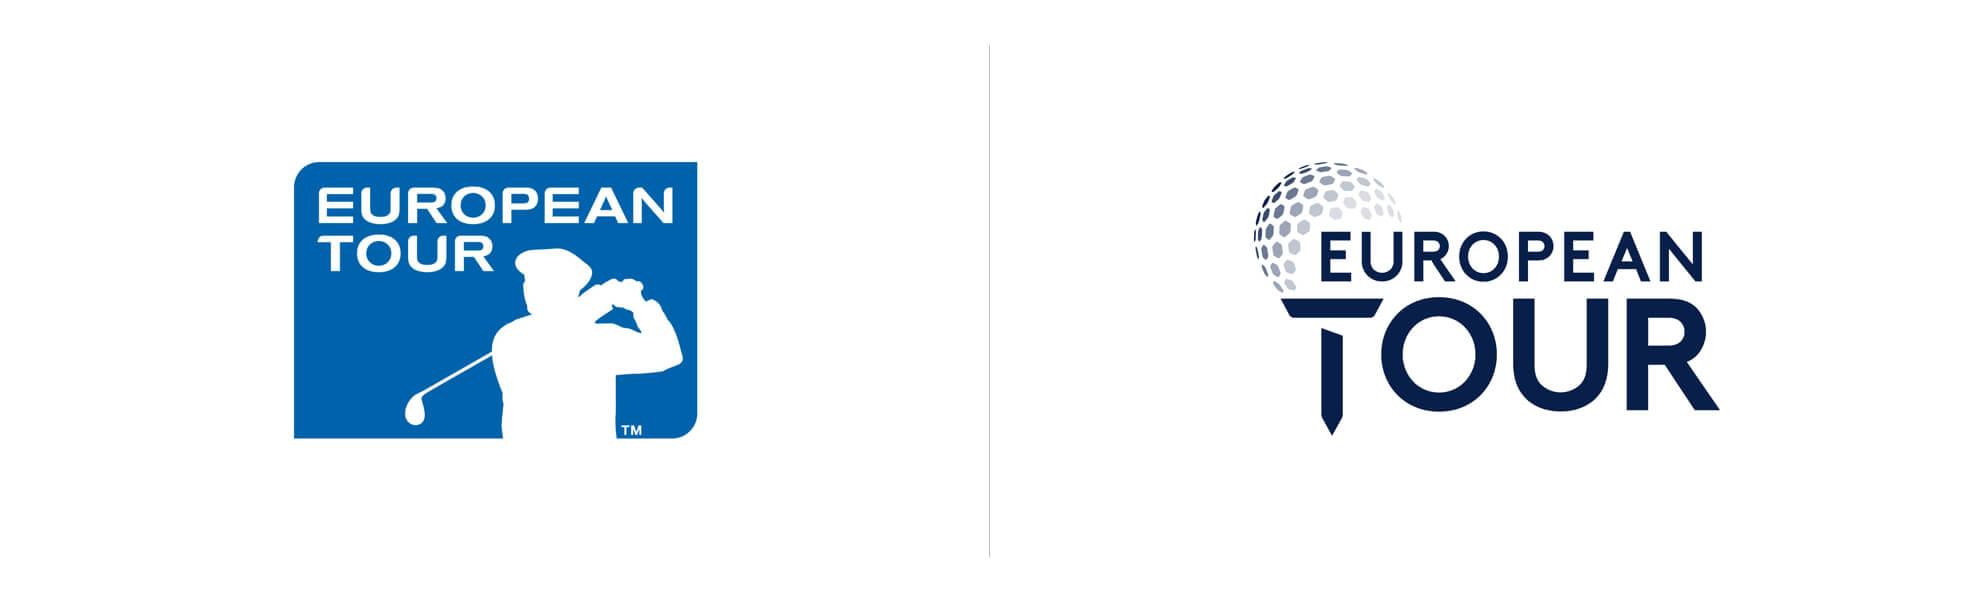 Golf European Tour znowym logo